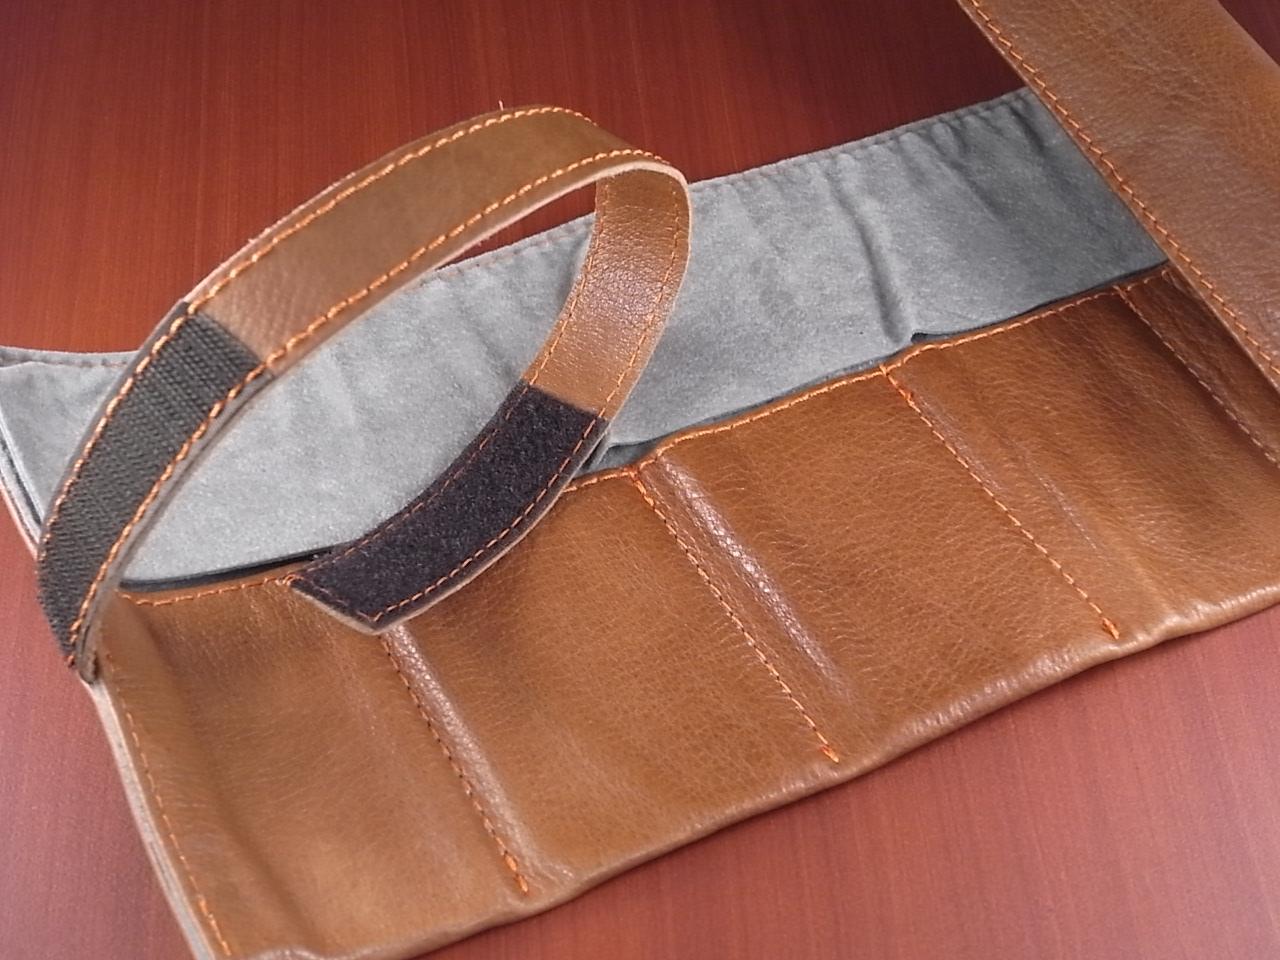 本革時計ケース 携帯タイプ 6本用 イタリア製 金茶 オレンジステッチの写真2枚目